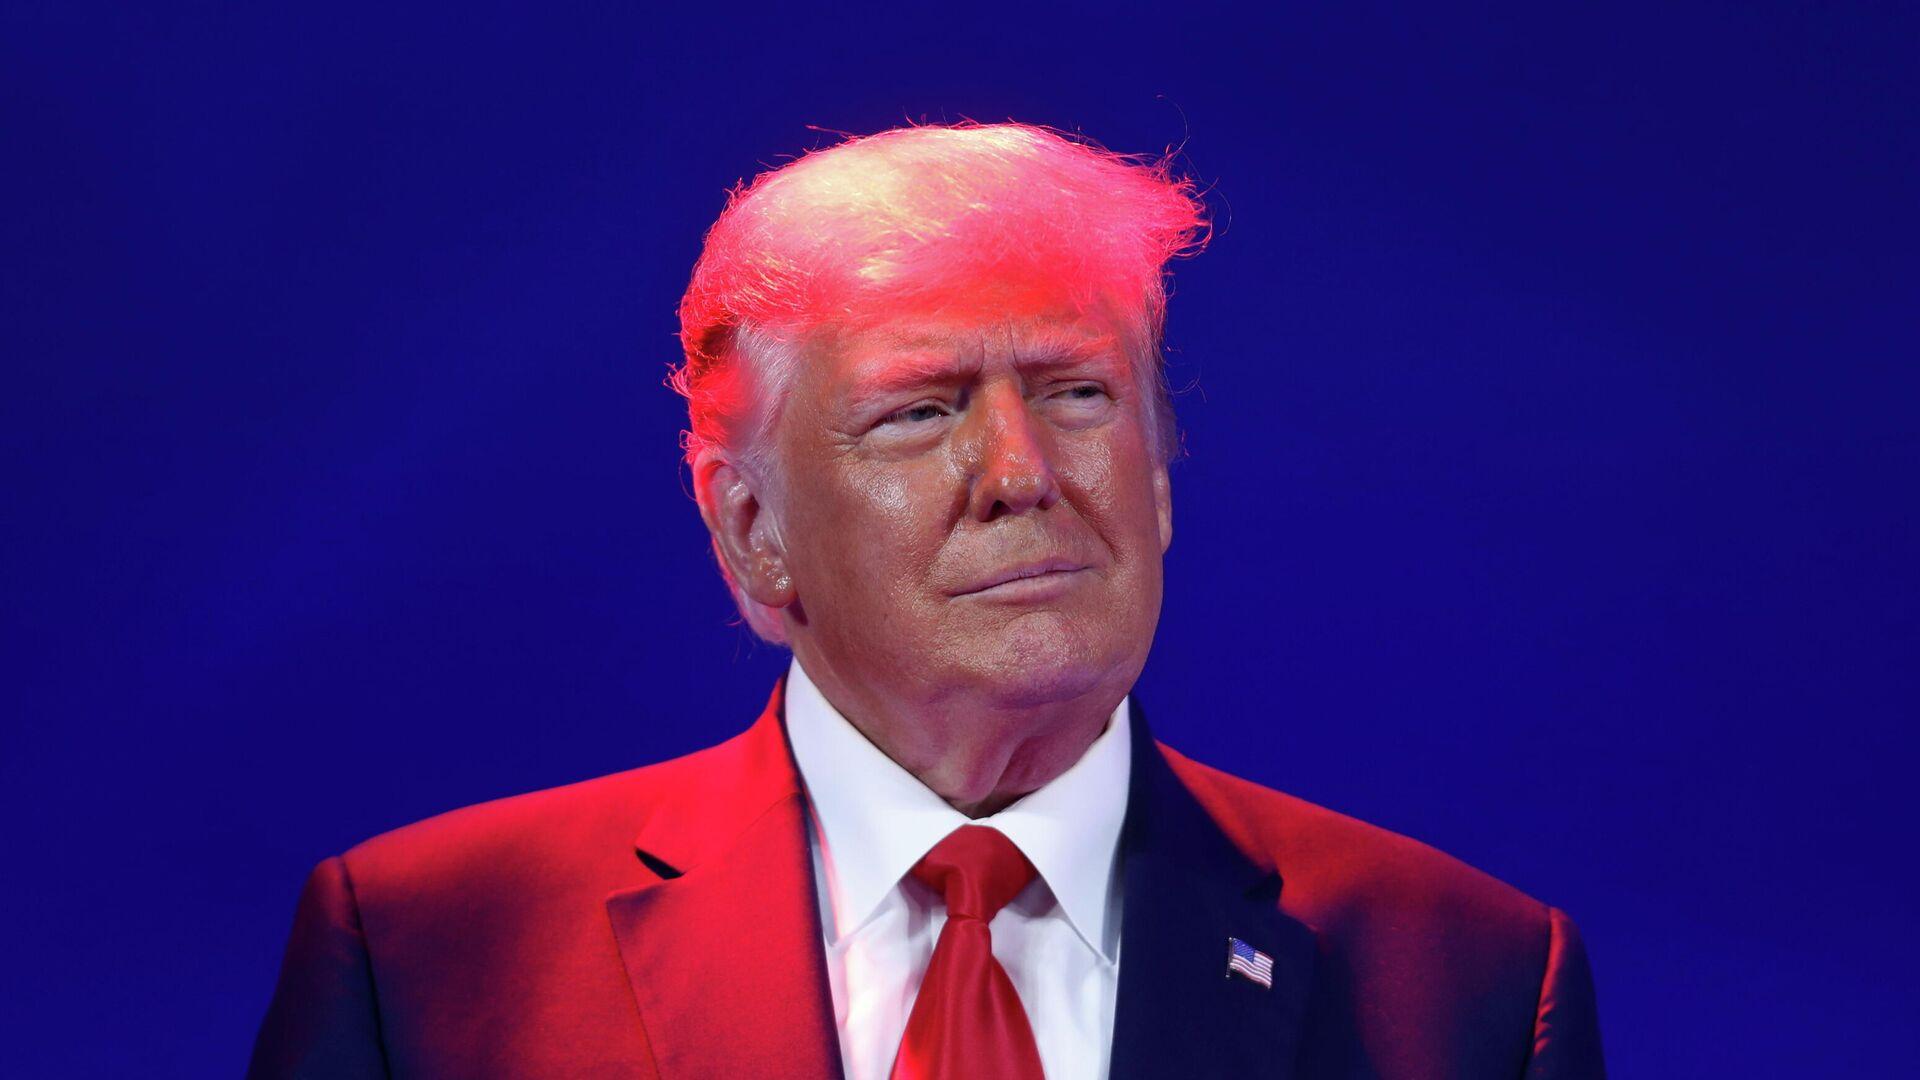 Бывший президент США Дональд Трамп на конференции консервативных политических партий в Орландо - РИА Новости, 1920, 04.03.2021